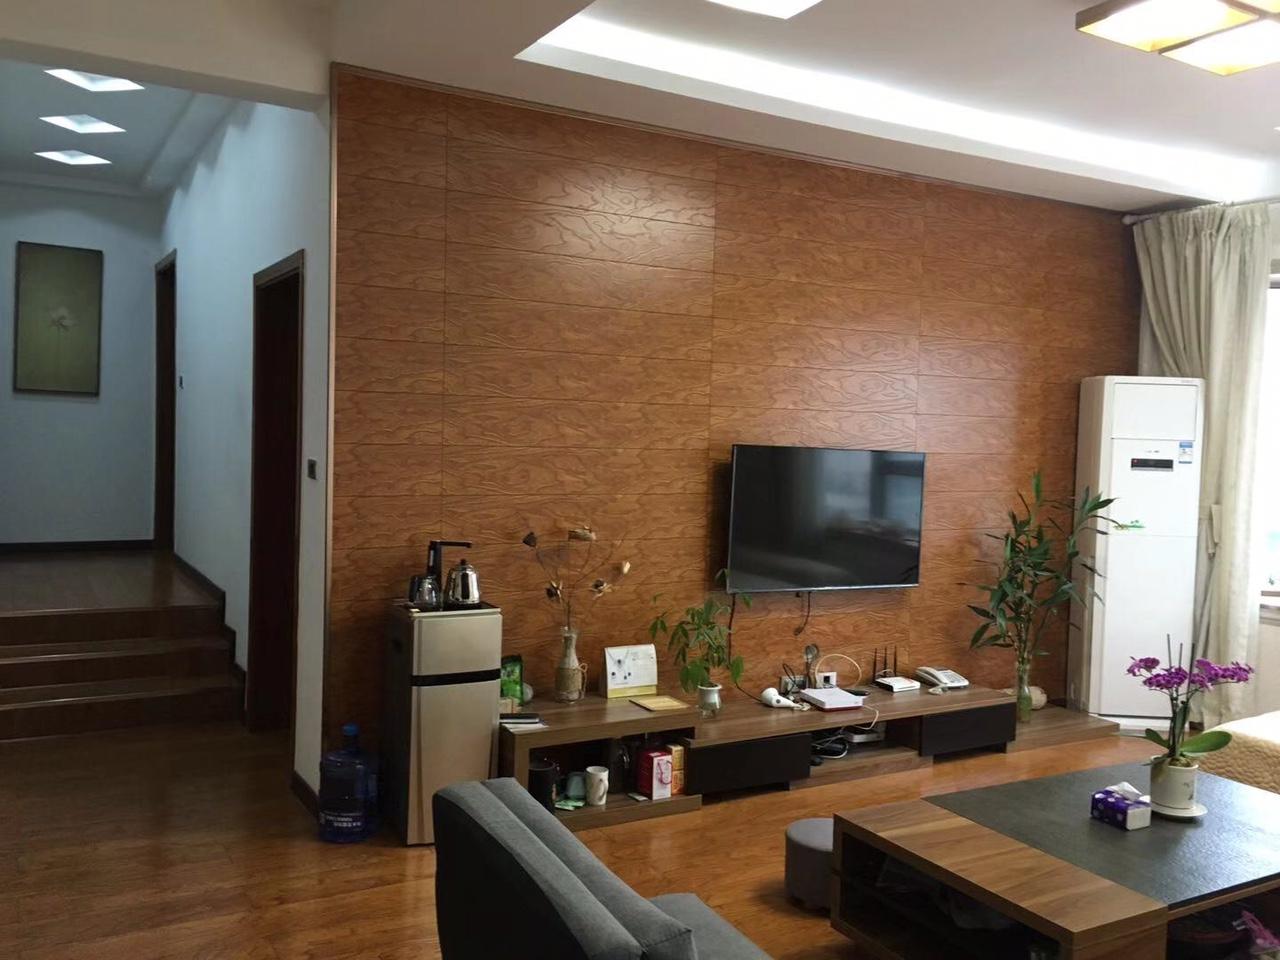 兴阳花苑3室 2厅 2卫42.8万元